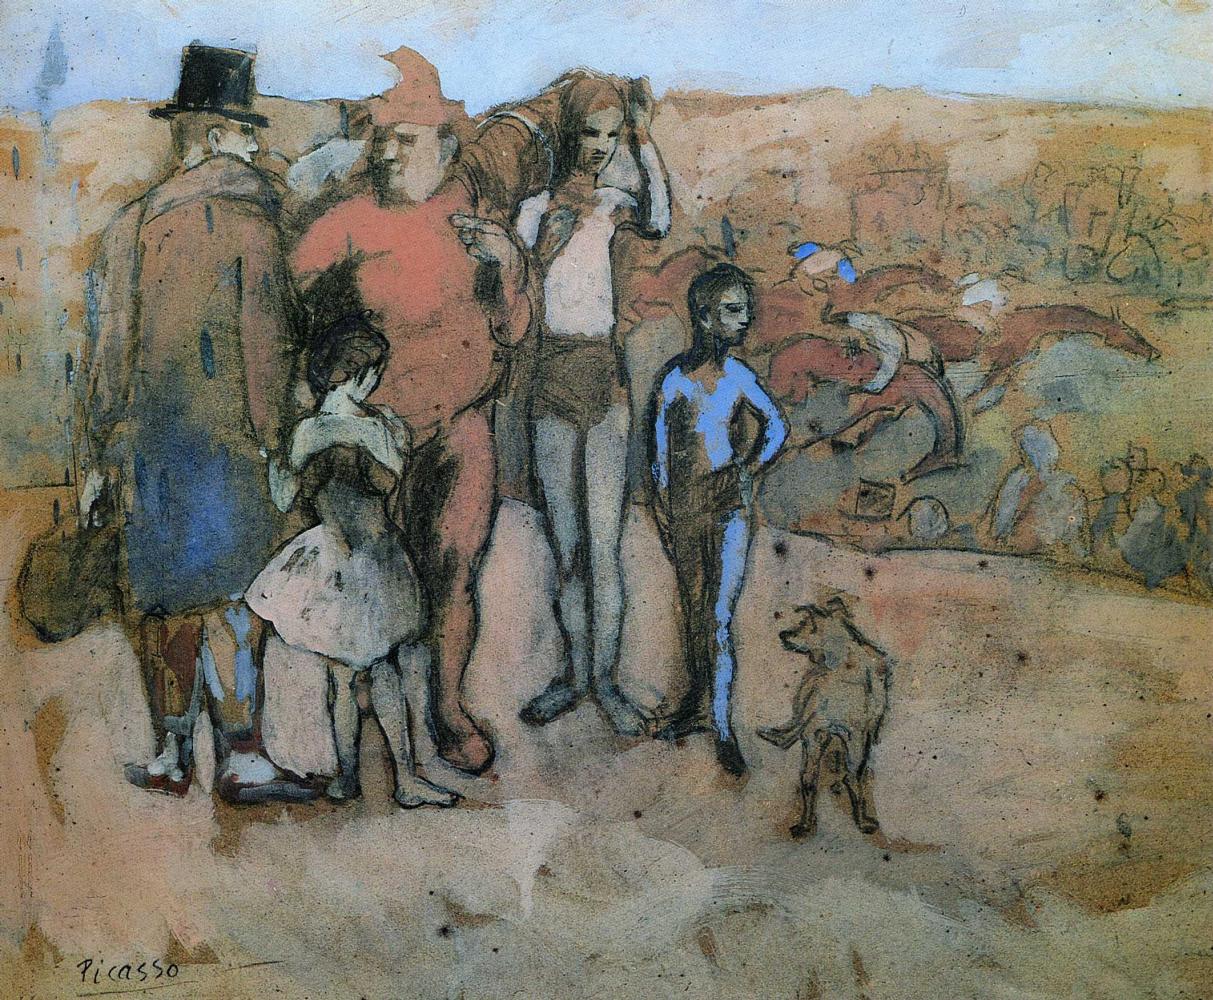 Пабло Пикассо. Семья комедиантов (набросок)